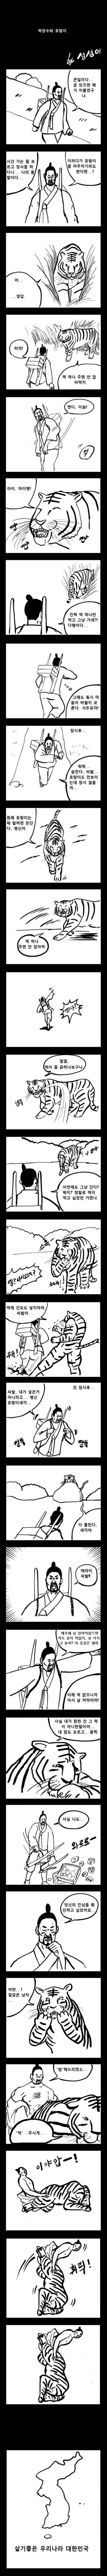 떡장수와 호랑이 만화.manhwa | 인스티즈